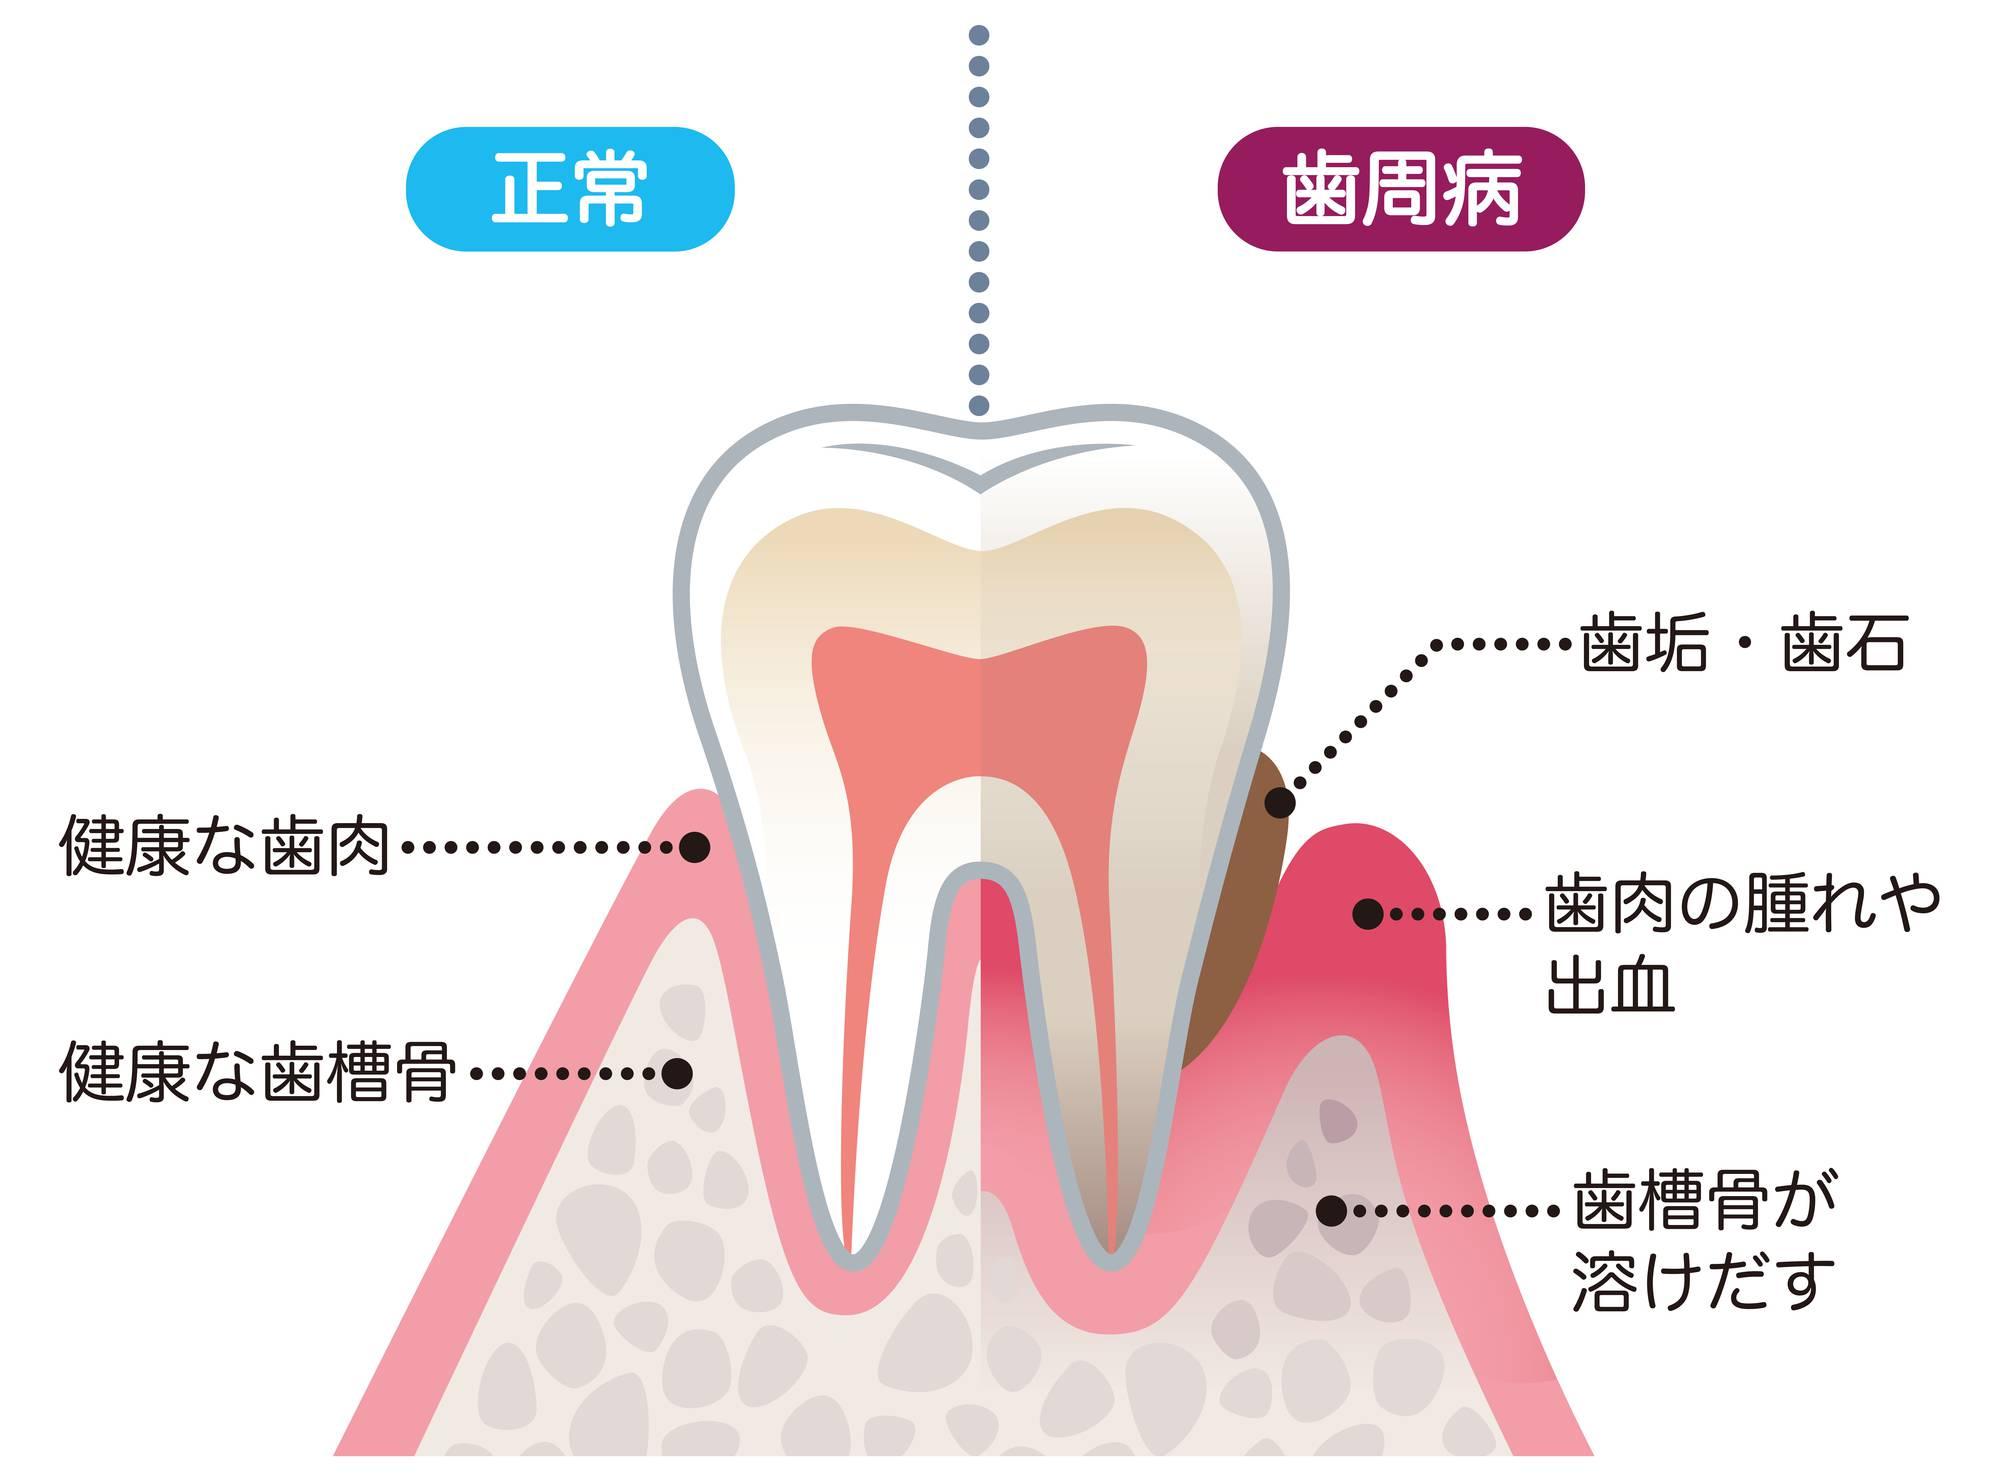 歯槽膿漏で歯が抜けるメカニズムのイラスト